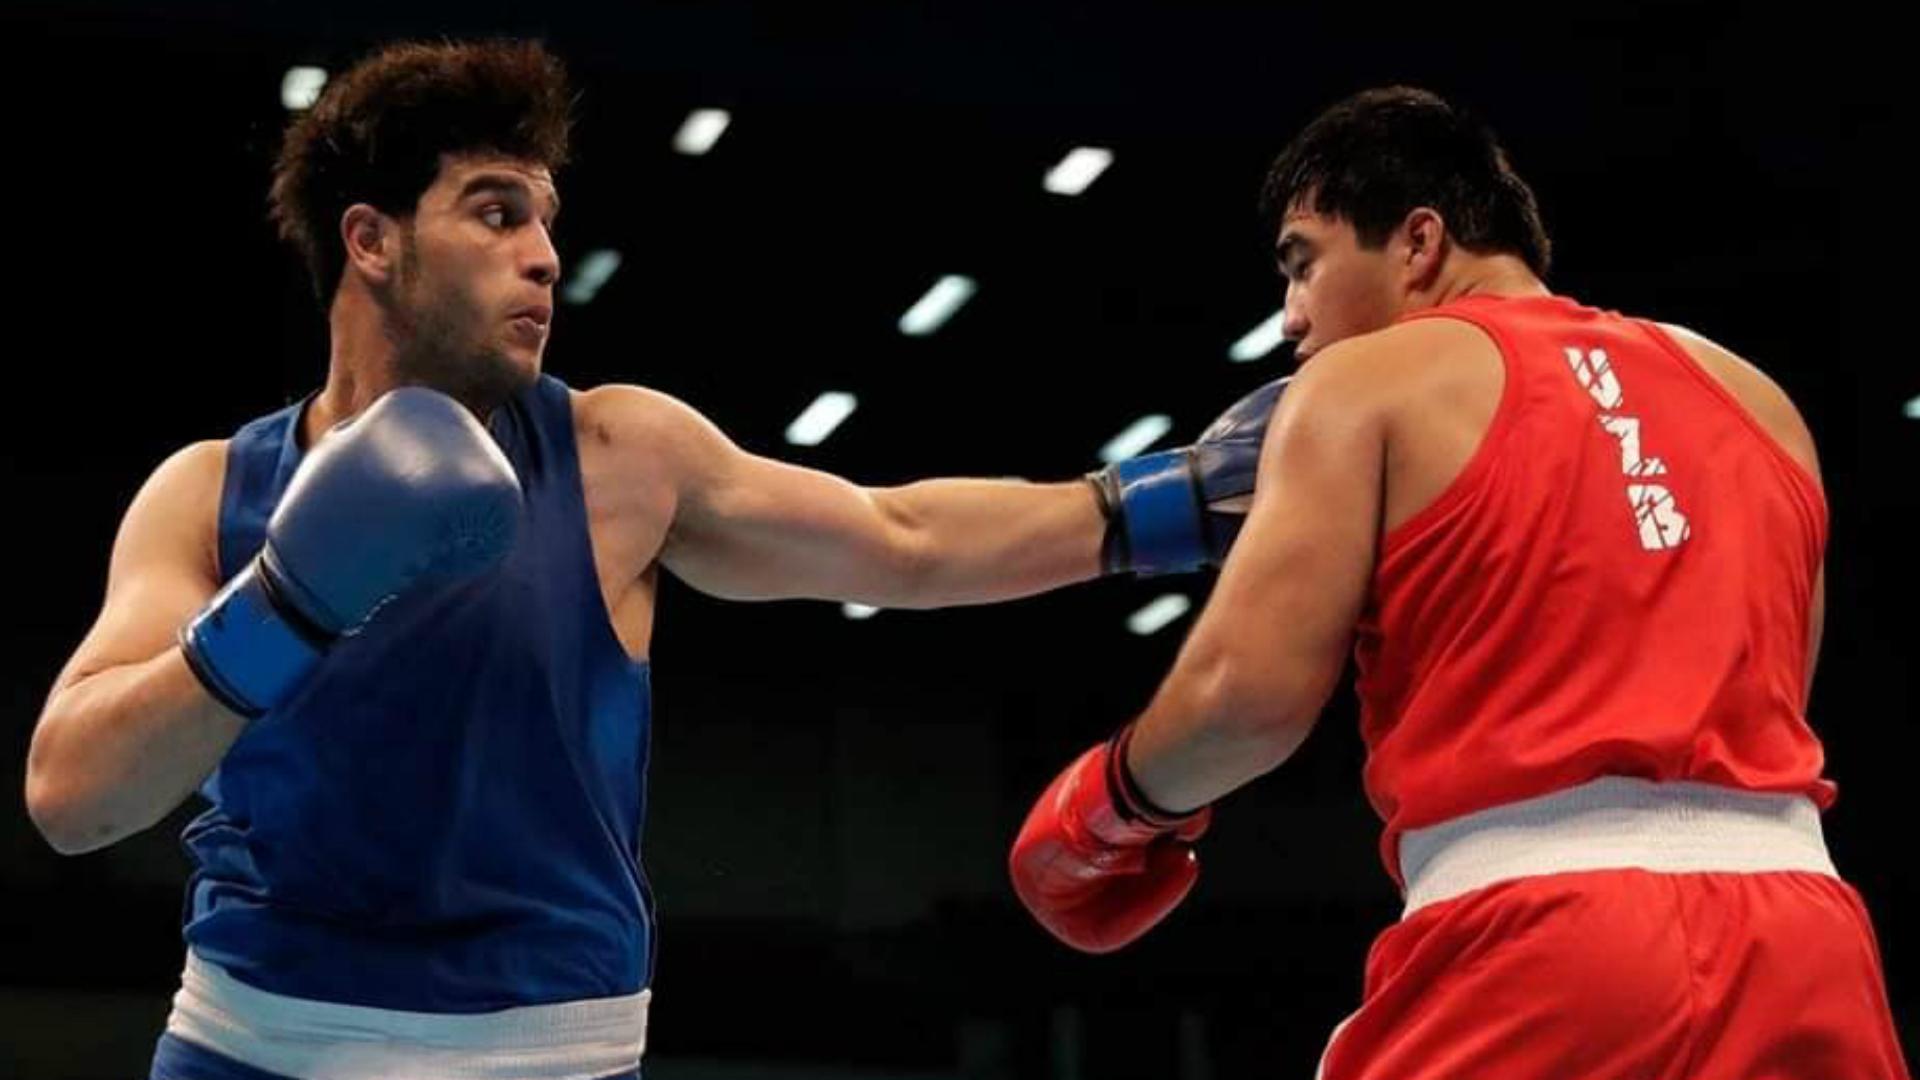 البصرة تحتضن منافسات بطولة اندية العراق للملاكمة